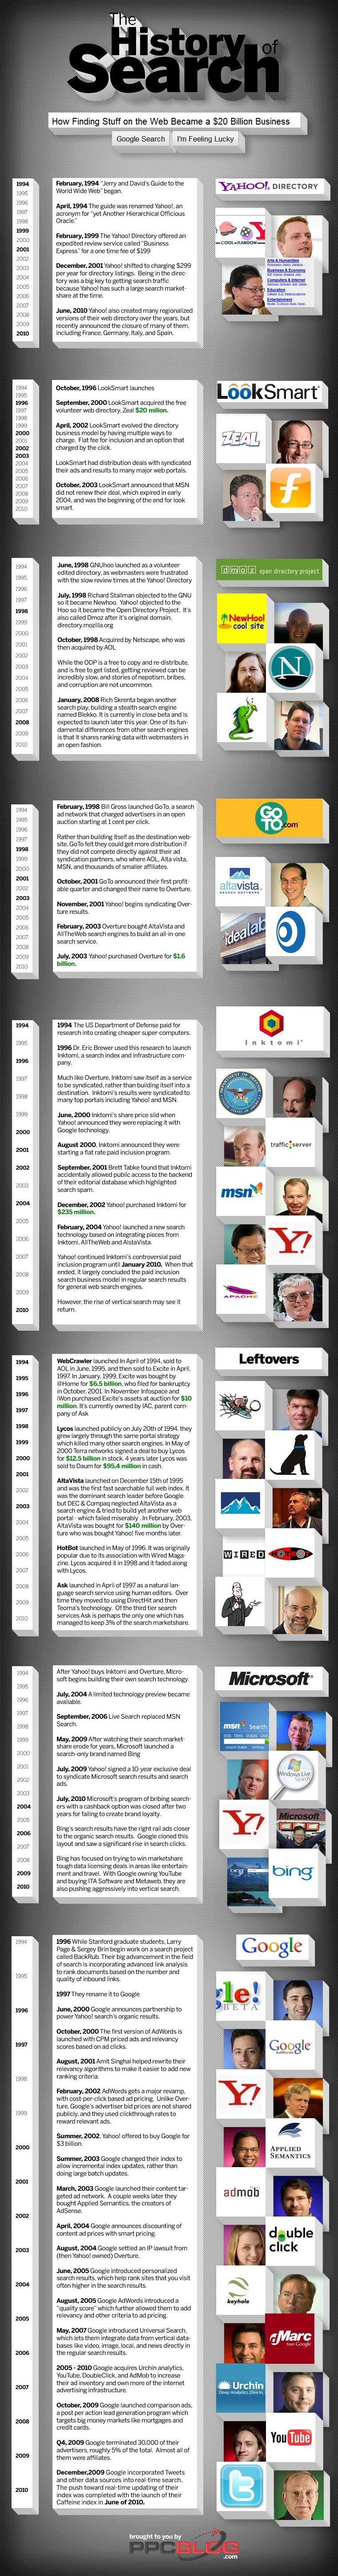 Historia de los buscadores desde 1994 hasta 2010. Infografía. Infographic